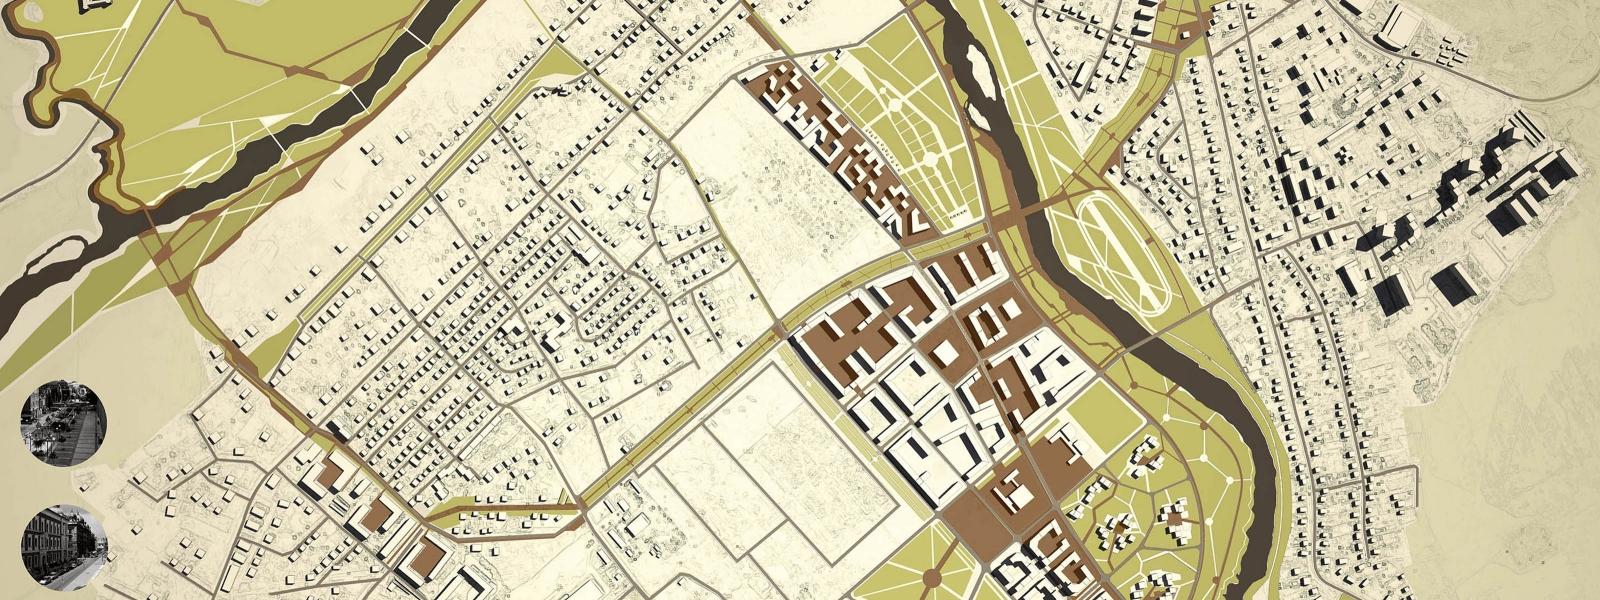 work-Концепция стилевого и типологического разнообразия городской среды нового посада Звенигорода